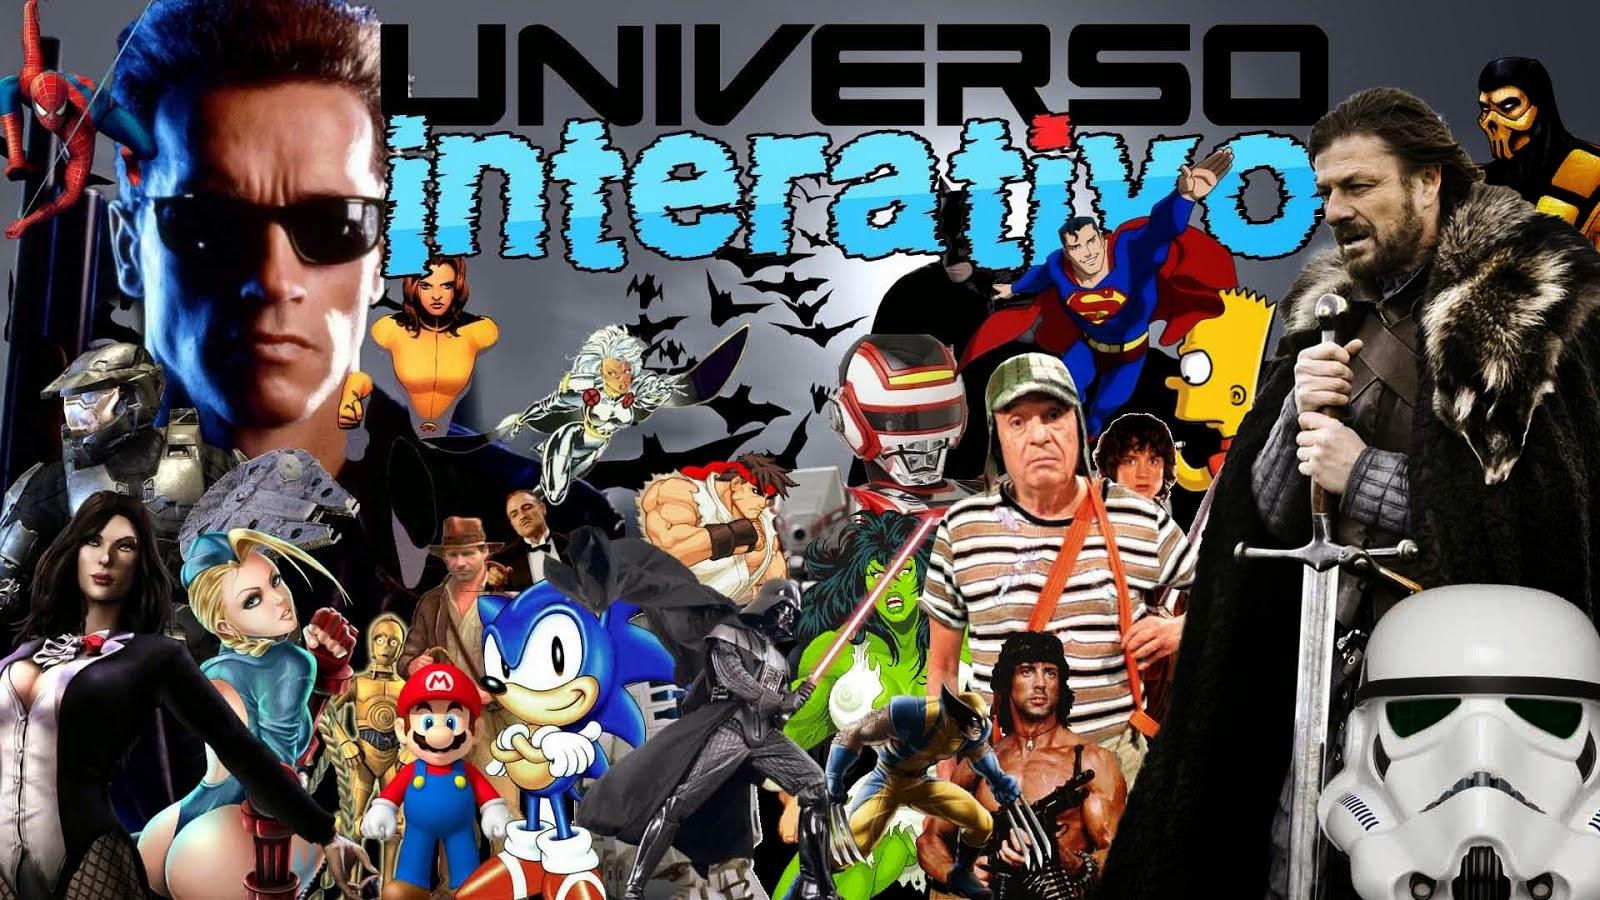 Universo Interativo